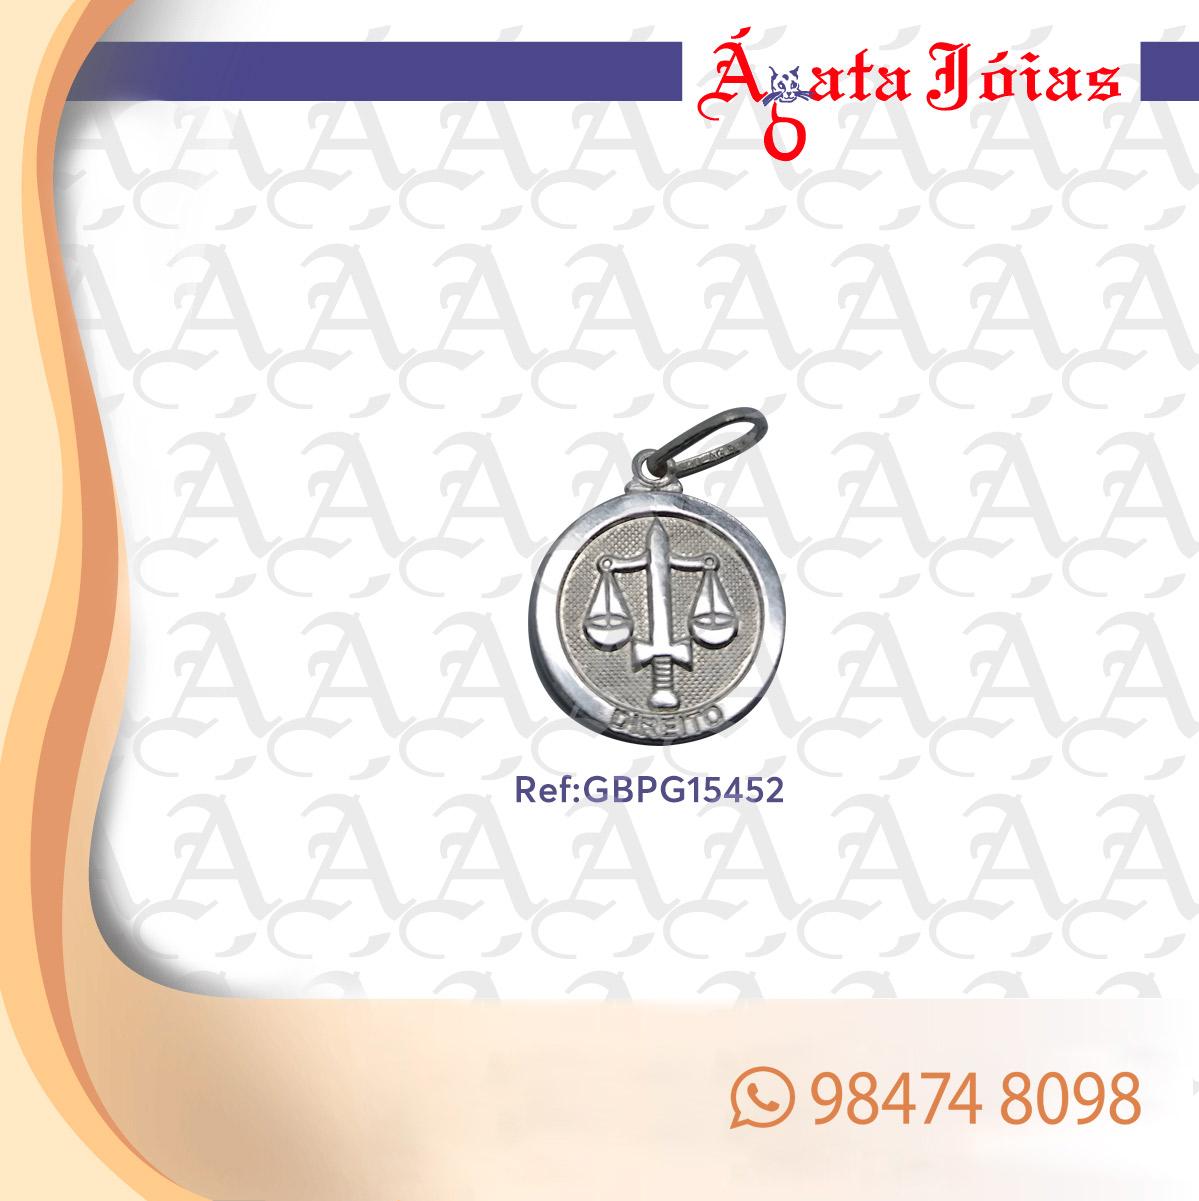 GBPG15452